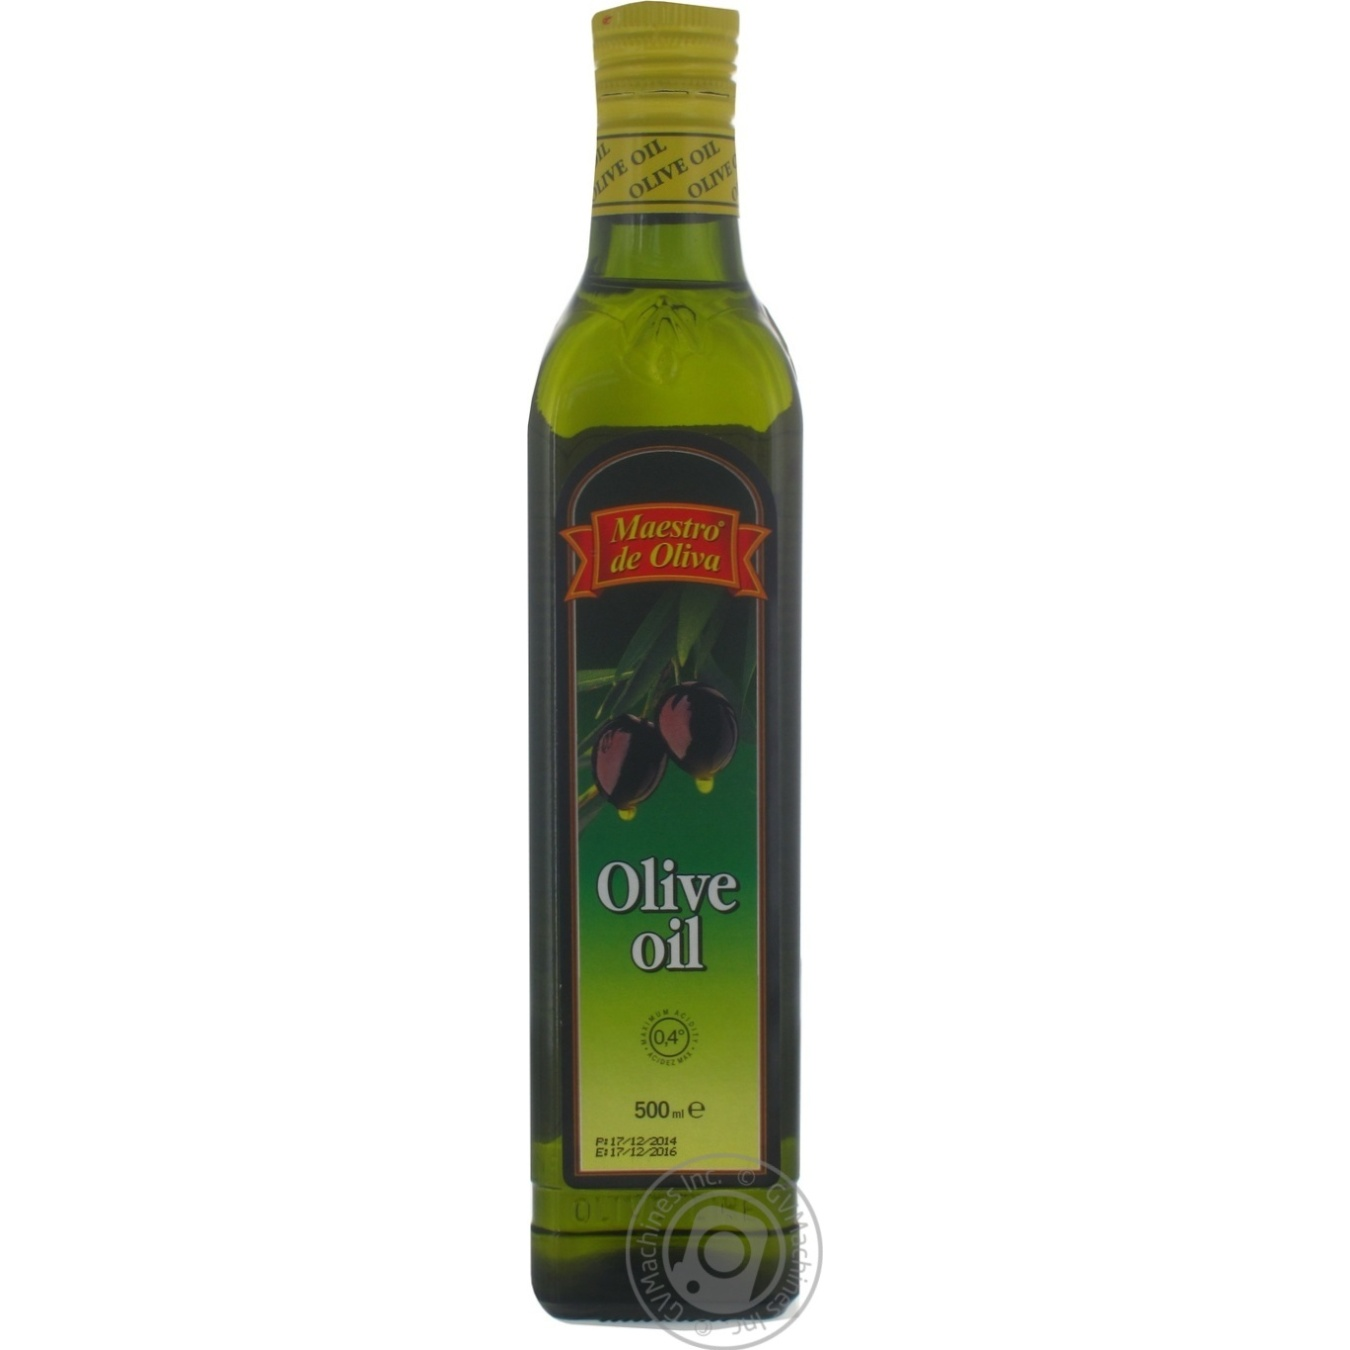 Масло оливковое Maestro de Oliva рафинированное 500мл